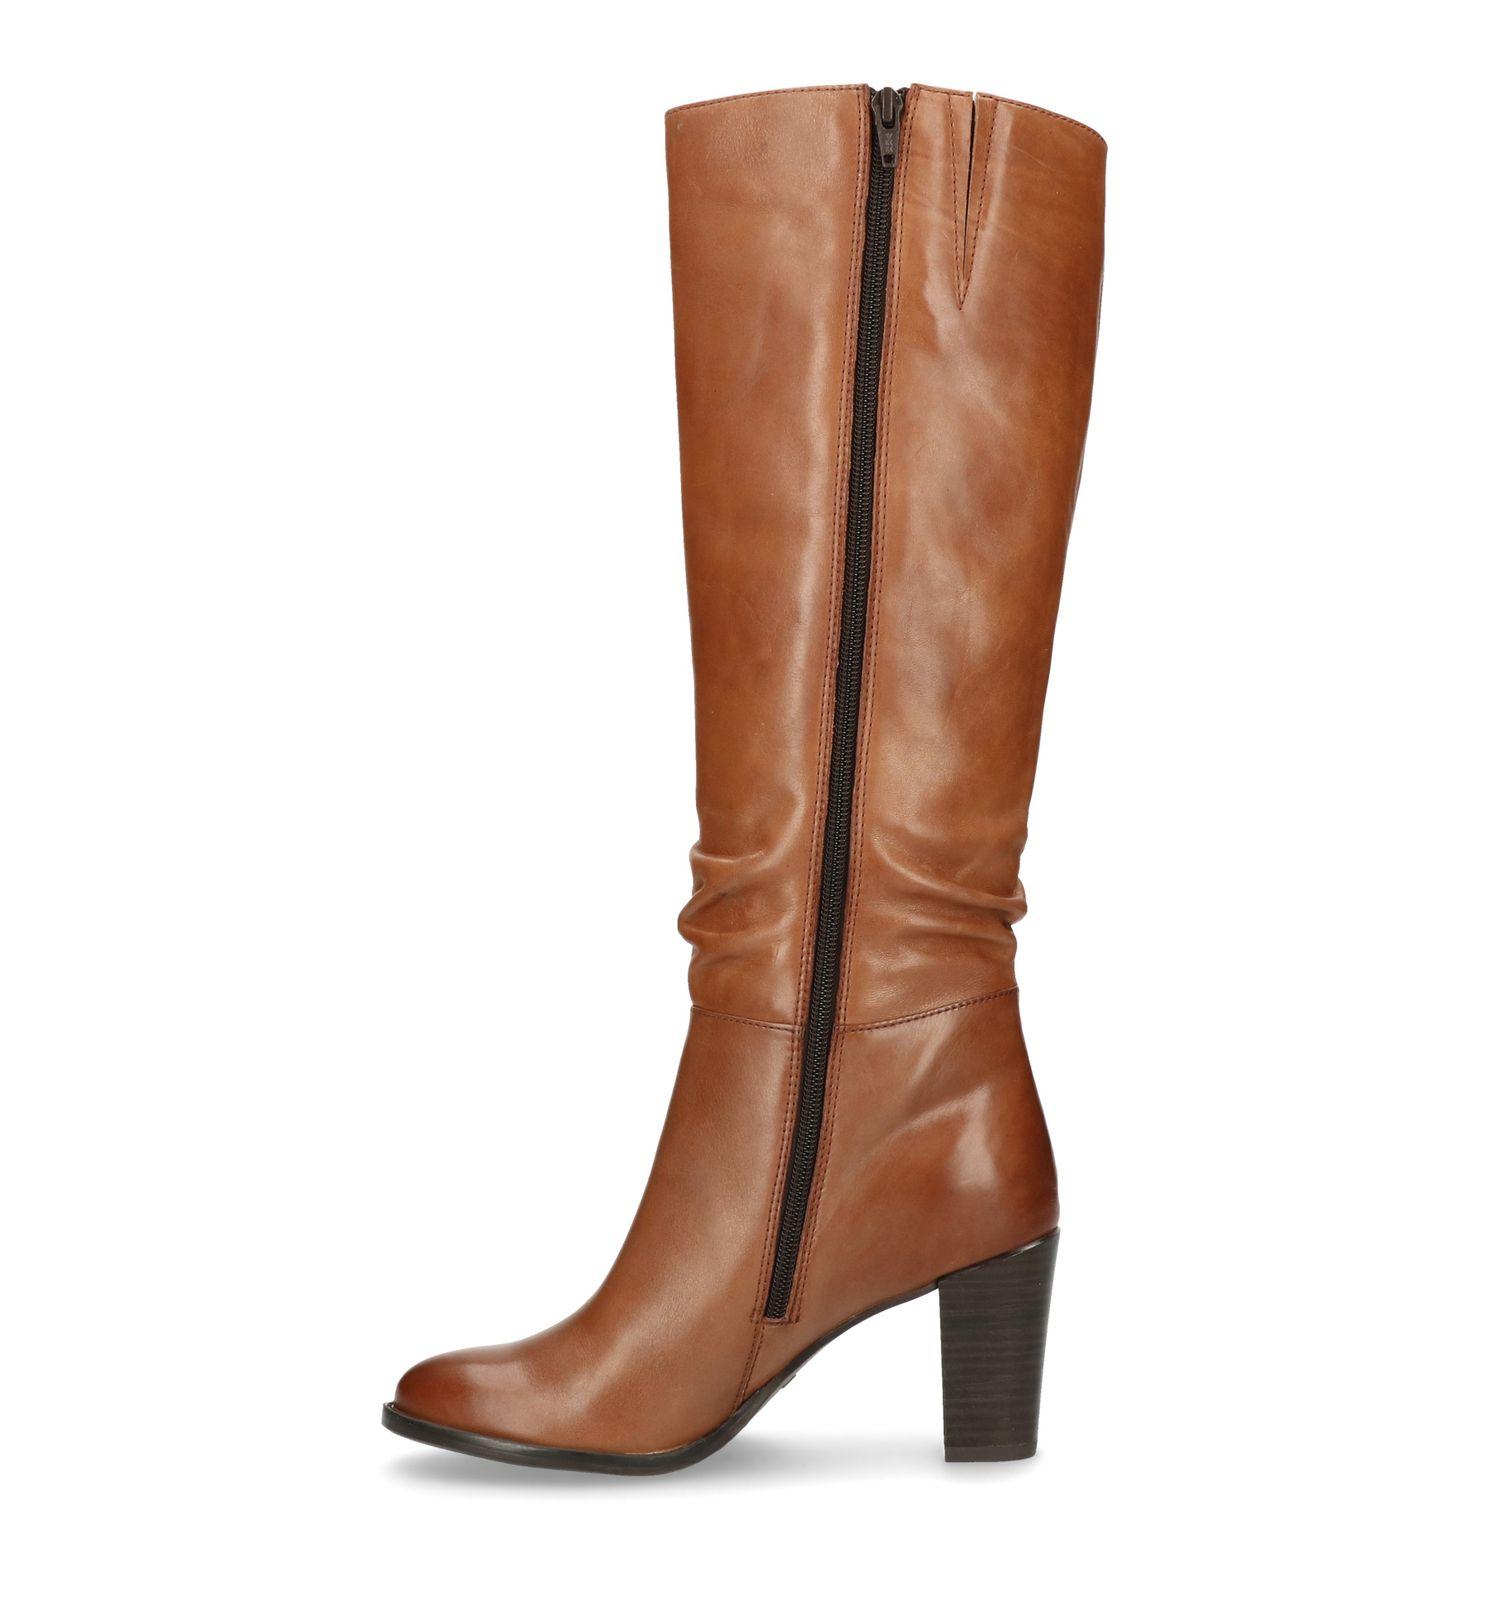 Ongekend Cognac hoge laarzen met hak - Dames | MANFIELD IH-11